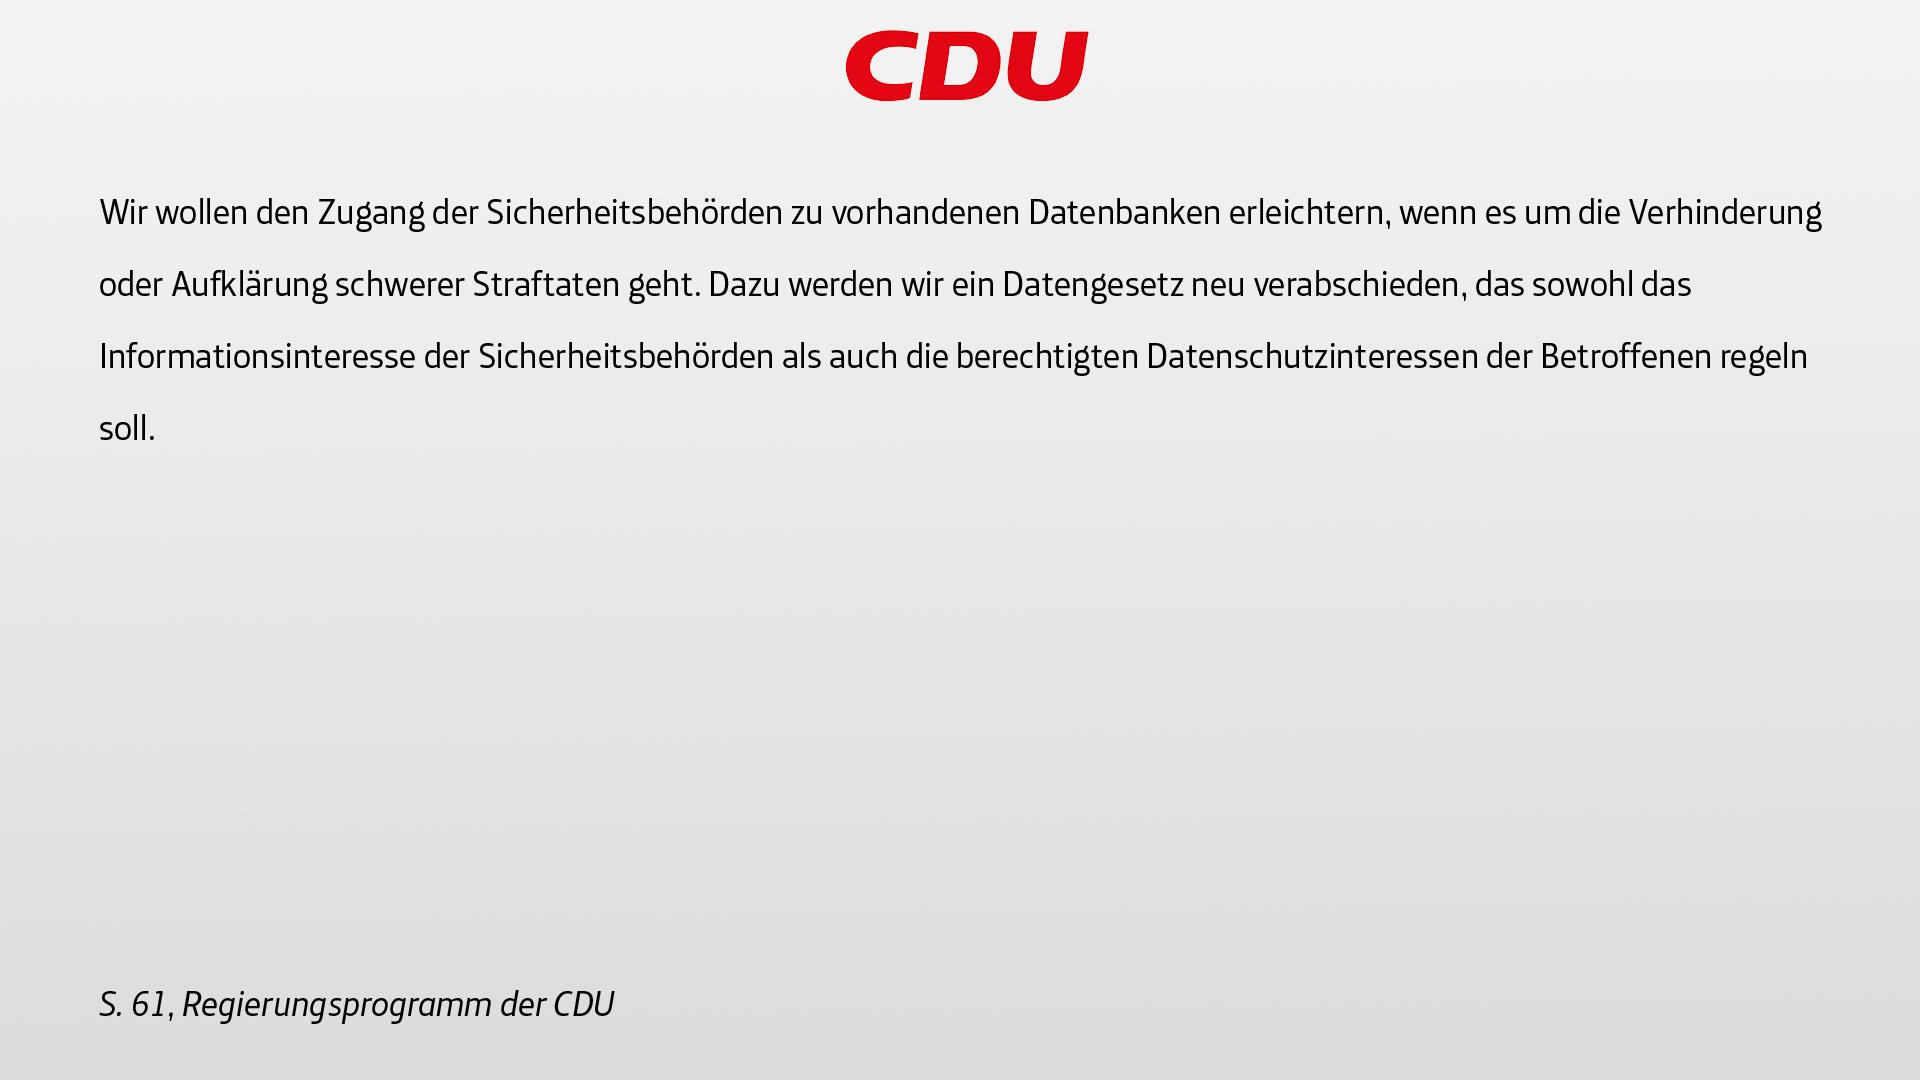 Innere-Sicherheit-CDU-Slides-002